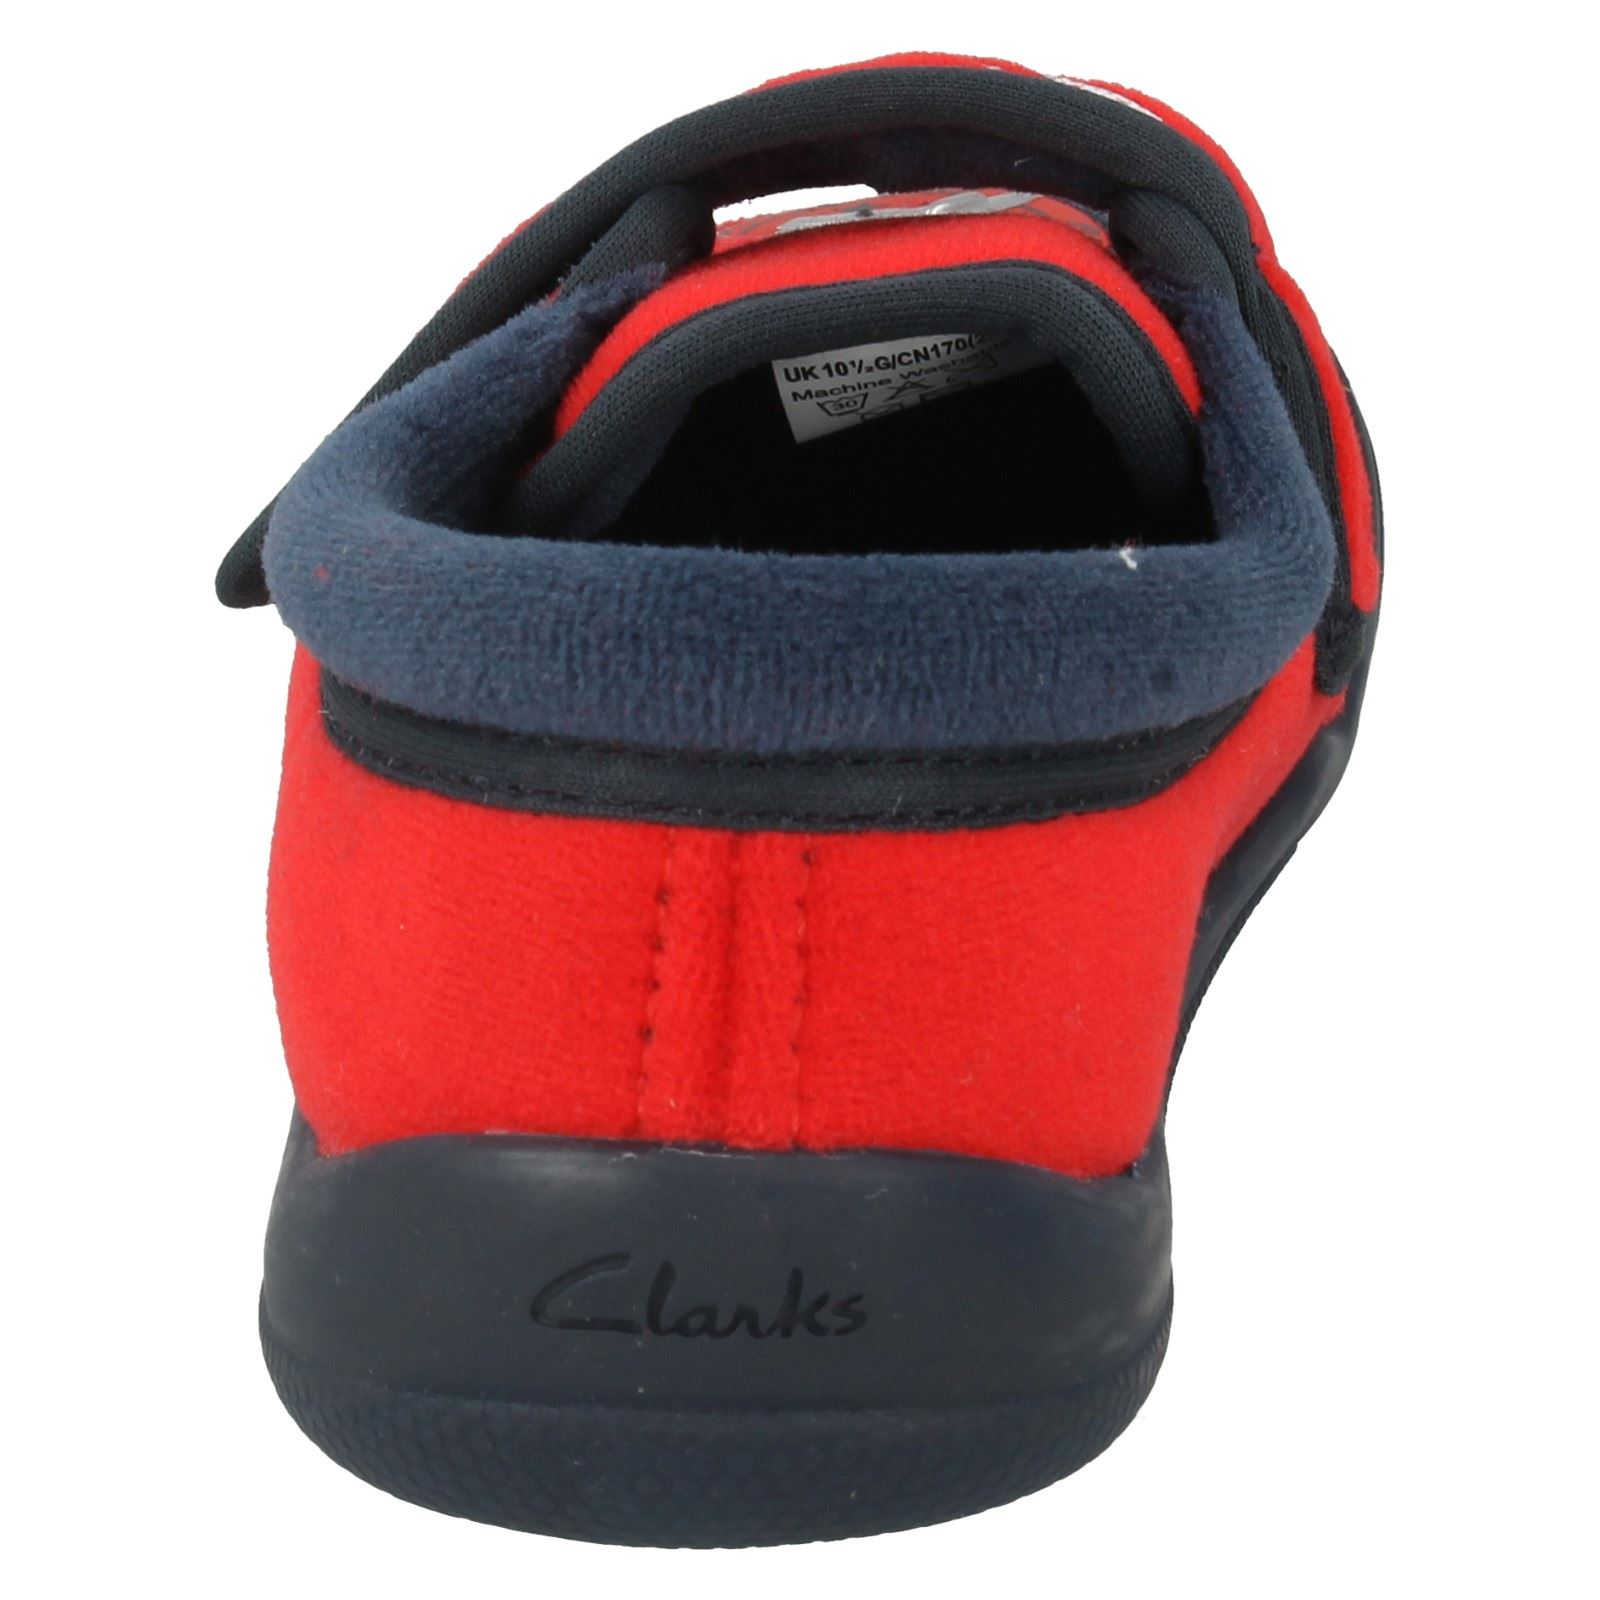 Boys Clarks Slippers Style - Cuba Edge